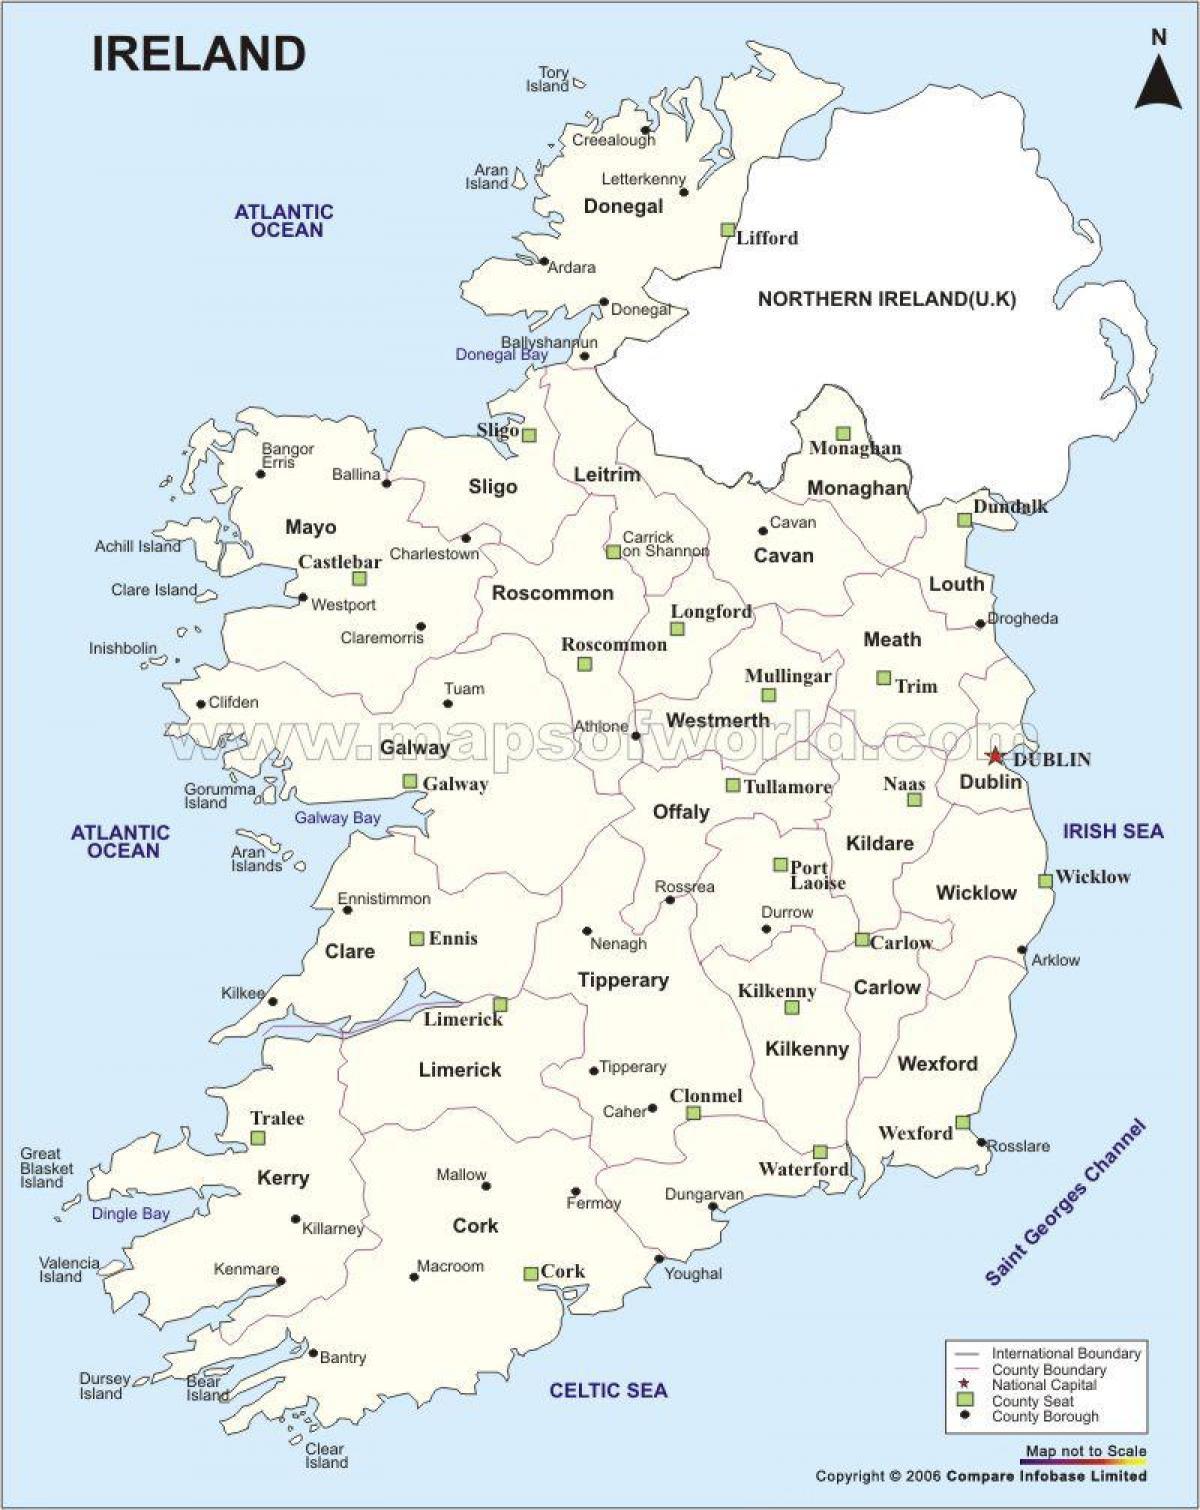 Cartina Politica Dell Irlanda.Mappa Politica Dell Irlanda Mappa Della Mappa Politica Dell Irlanda Europa Del Nord Europa